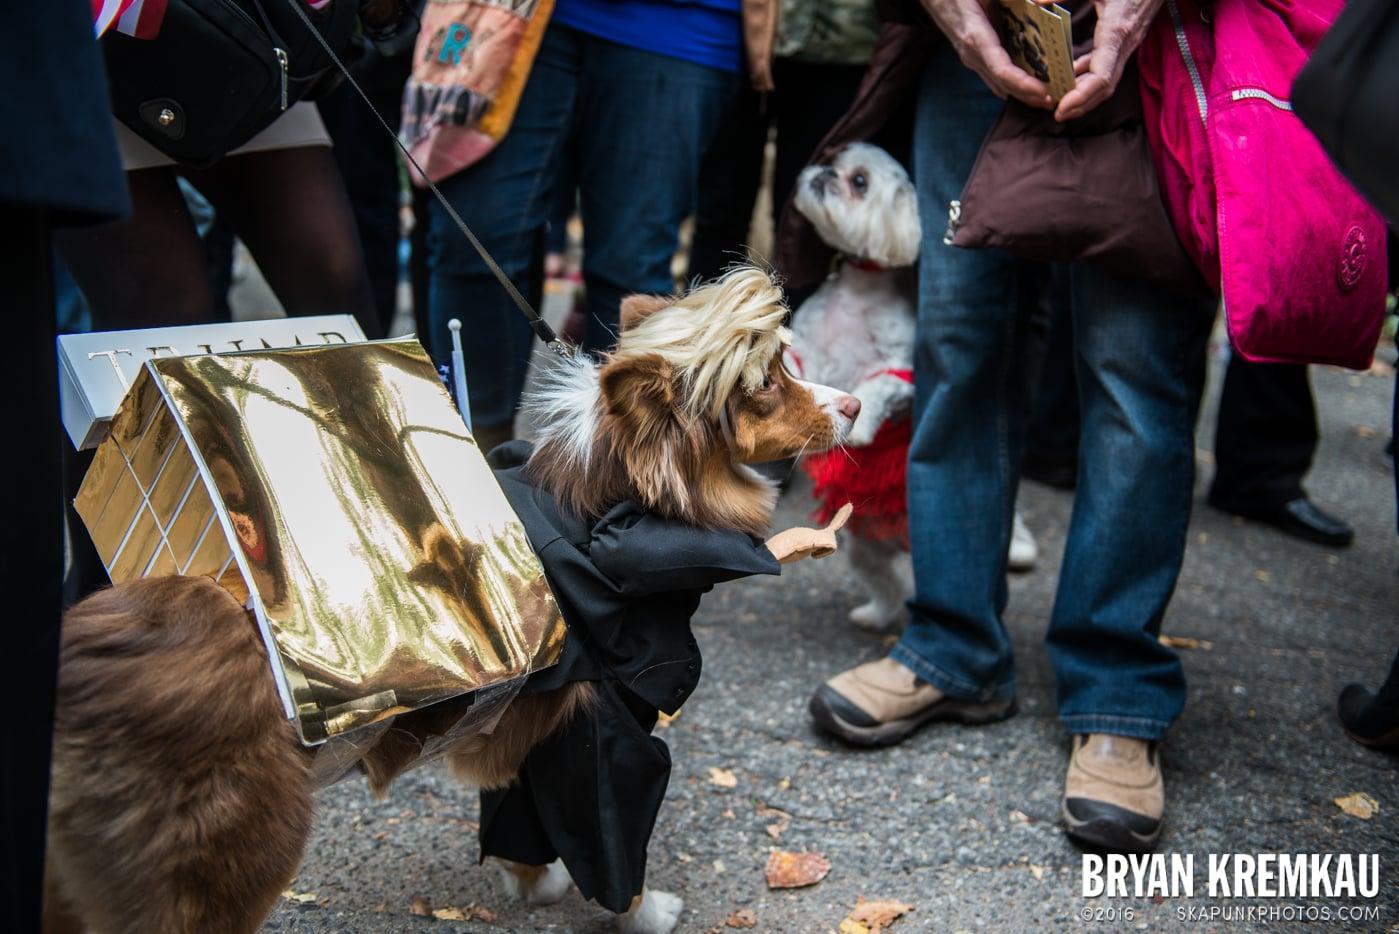 Tompkins Square Halloween Dog Parade 2015 @ Tompkins Square Park, NYC – 10.24.15 (8)